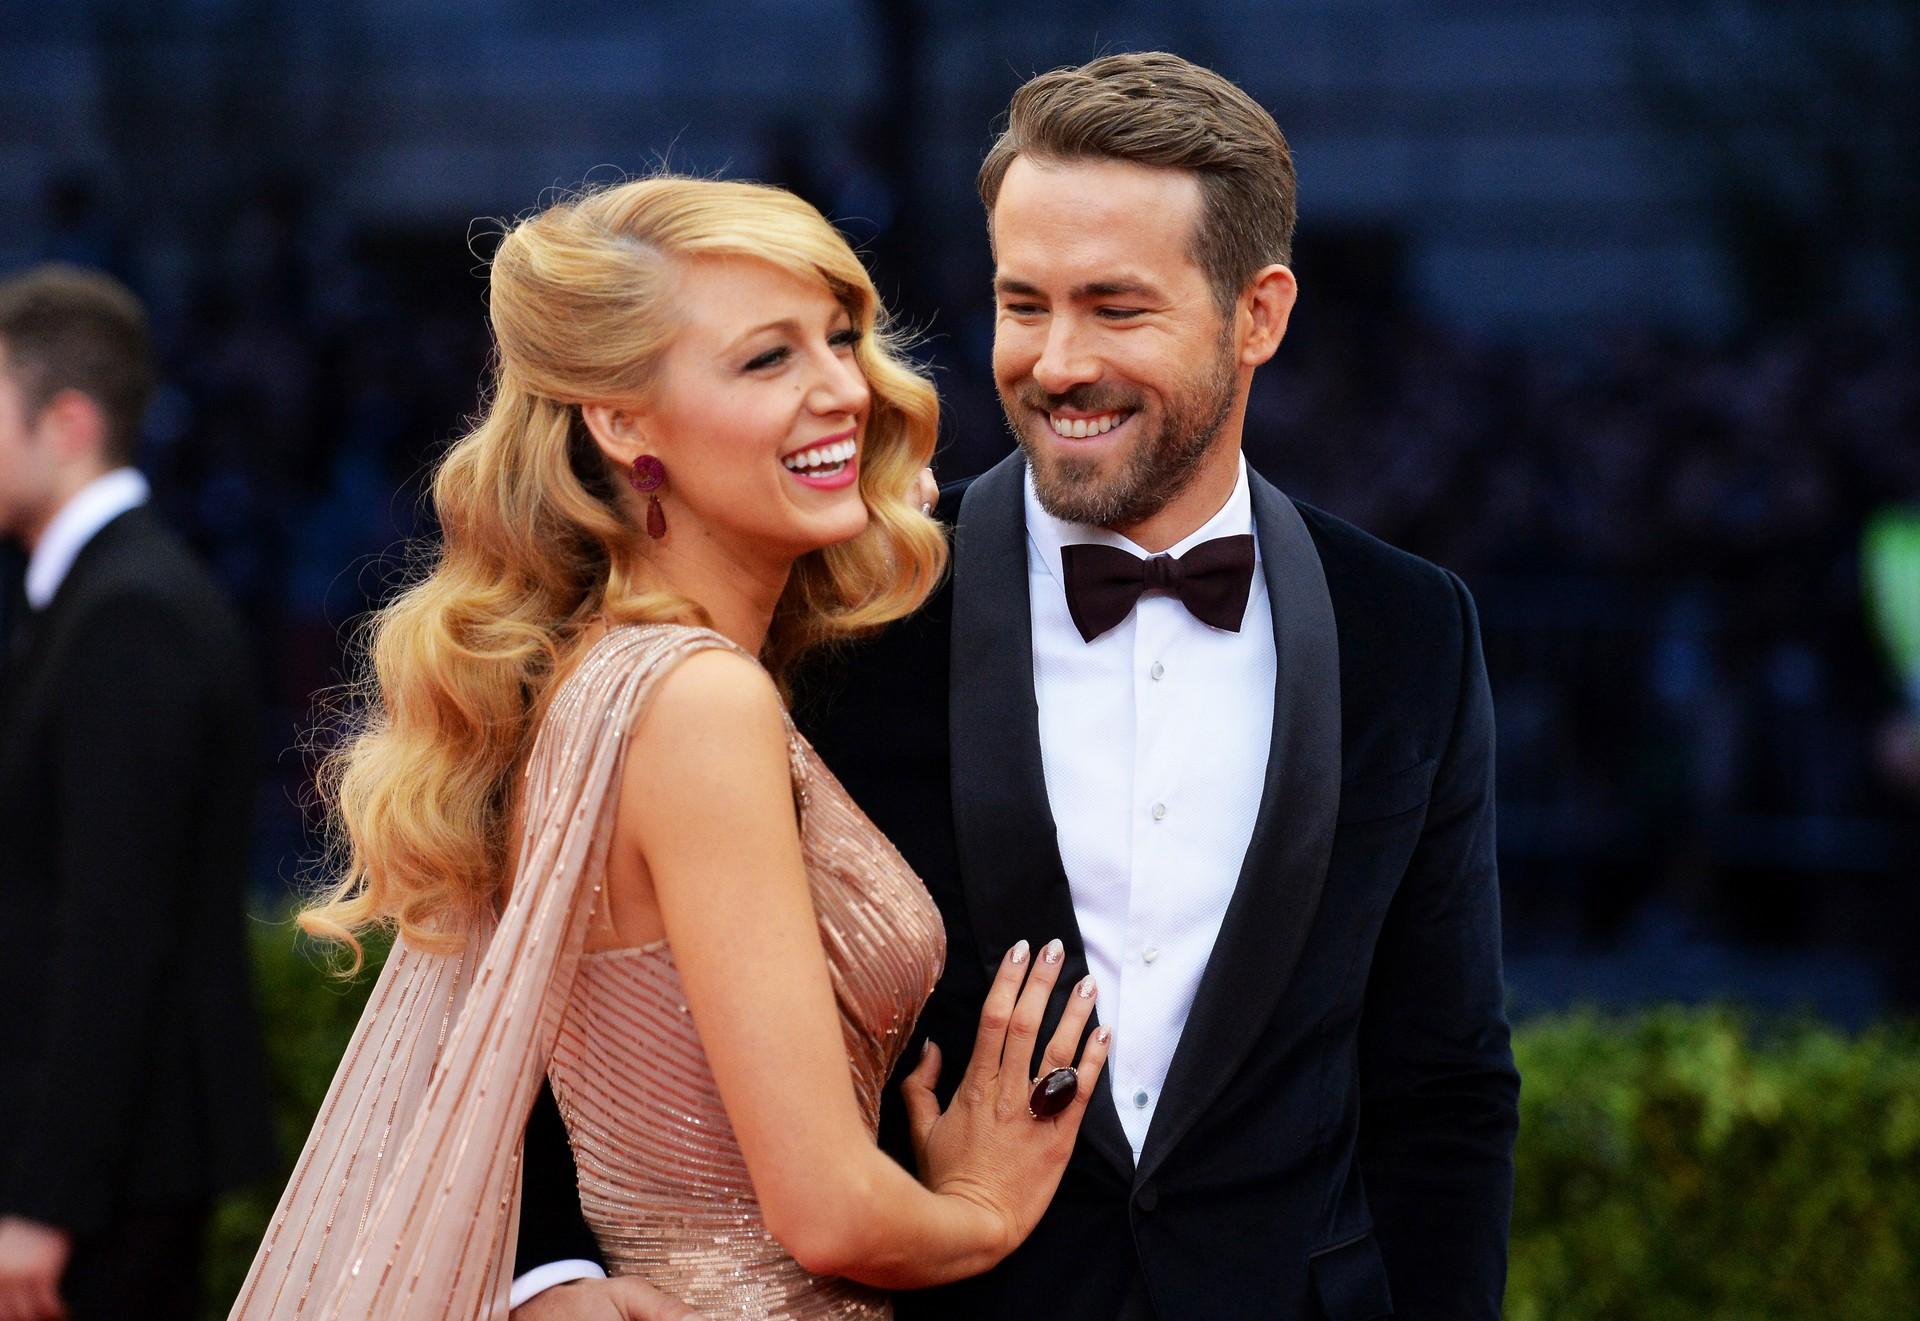 Eles se conheceram em 2010 durante as filmagens de 'Lanterna Verde', se casaram em 2012 e vivem juntos numa casa em Bedford, Nova York. (Foto: Getty Images)